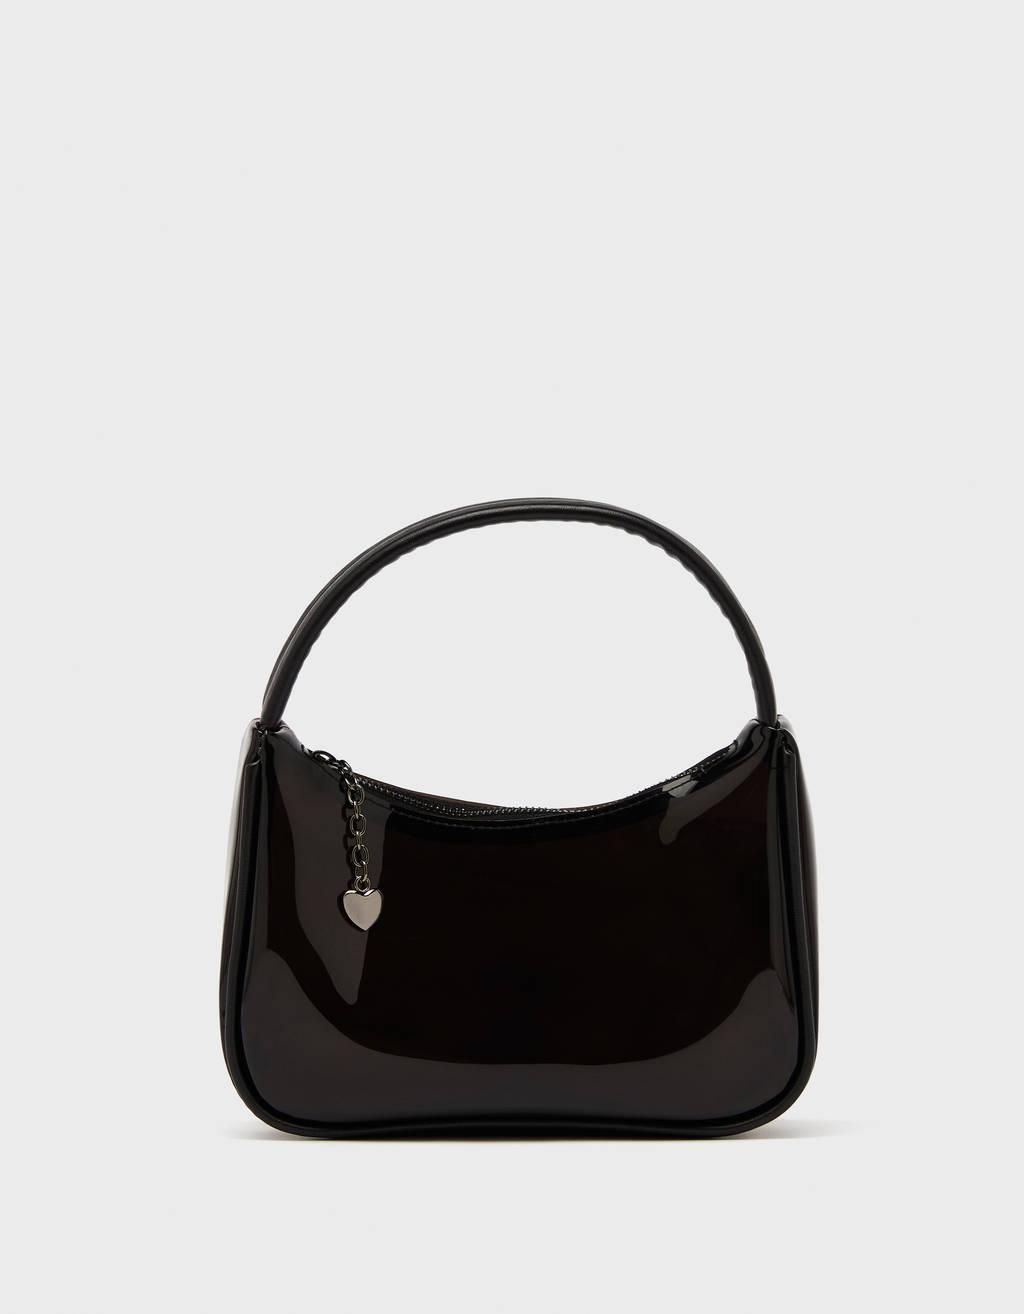 Vinyl handbag